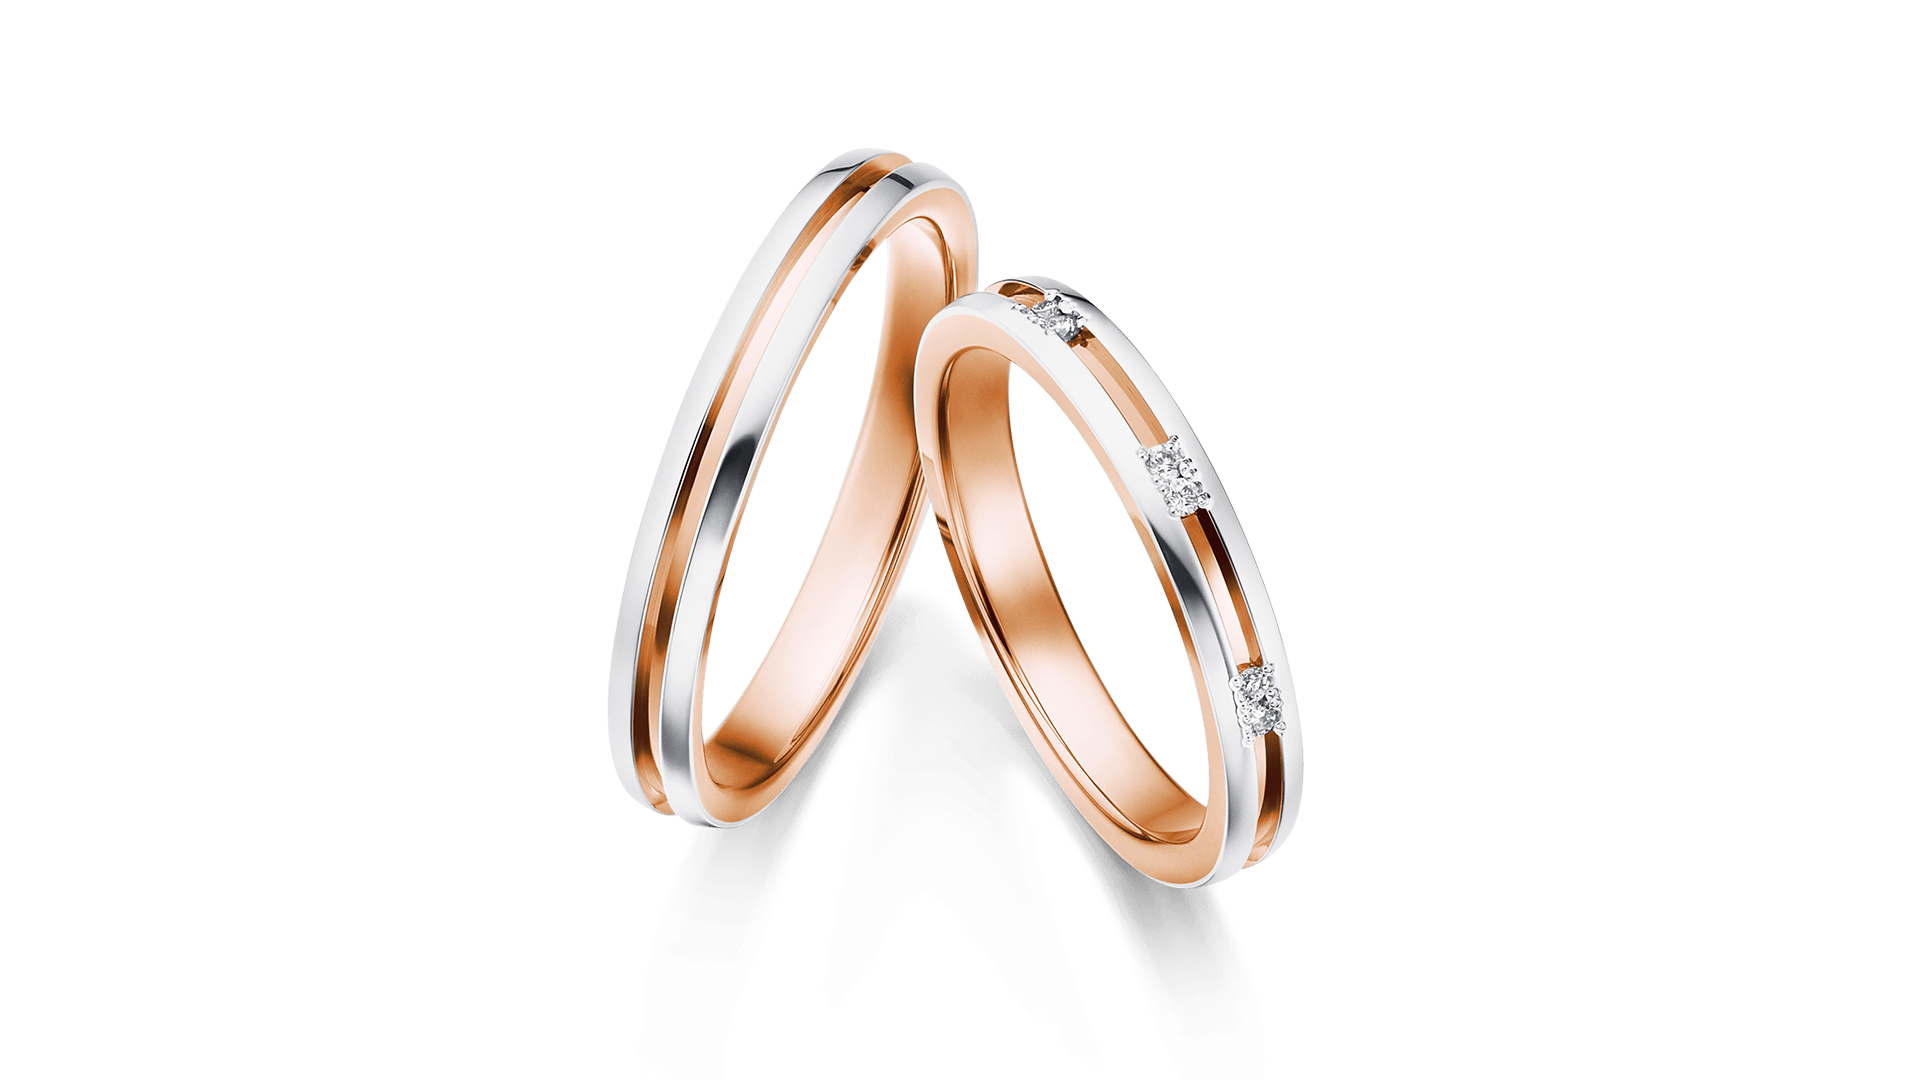 saga サーガ | 結婚指輪サムネイル 2